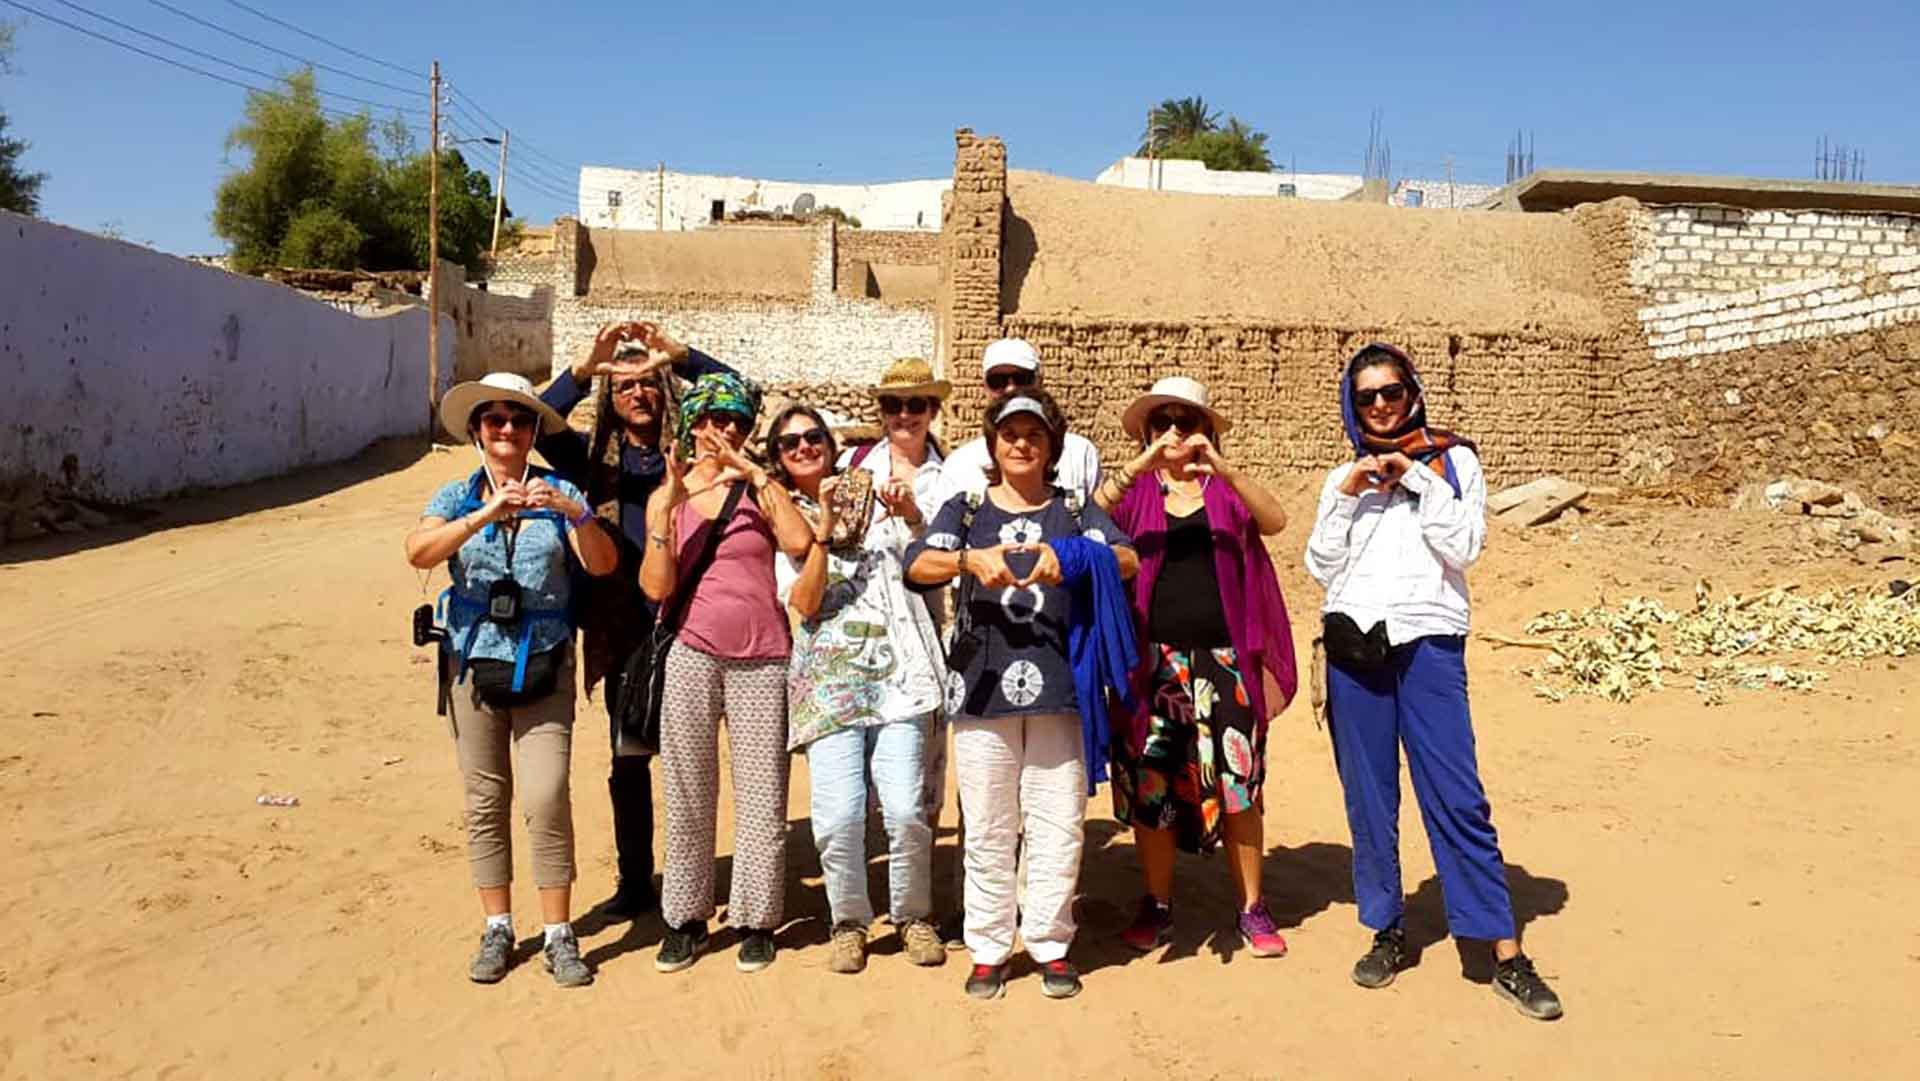 Nous venons de passer un séjour merveilleux en Egypte en croisière Nil en felouque réservée rien que pour nous .